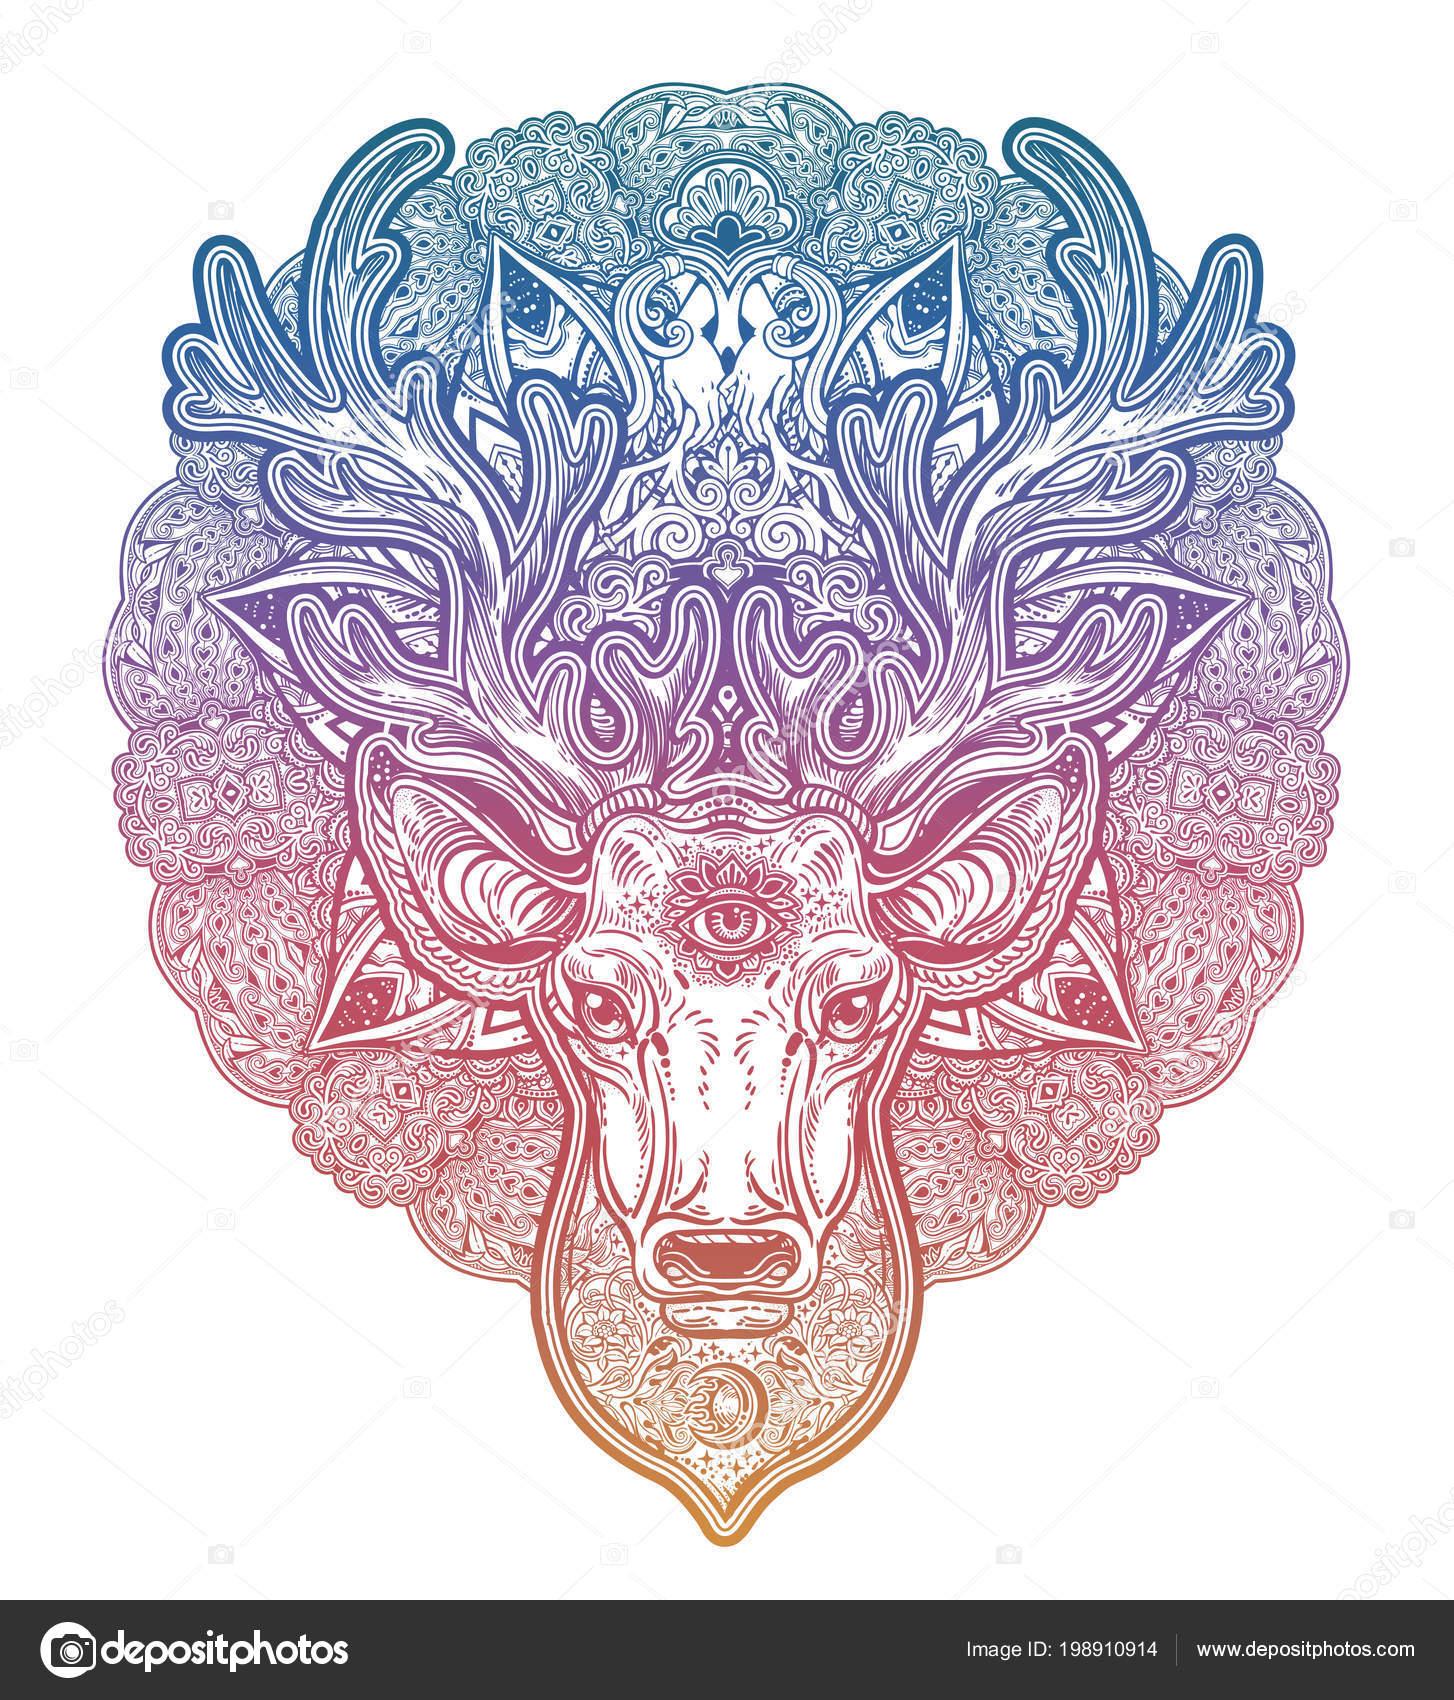 Venado Mandala Colorido Cabeza De Venado Adornada Con Hermosas